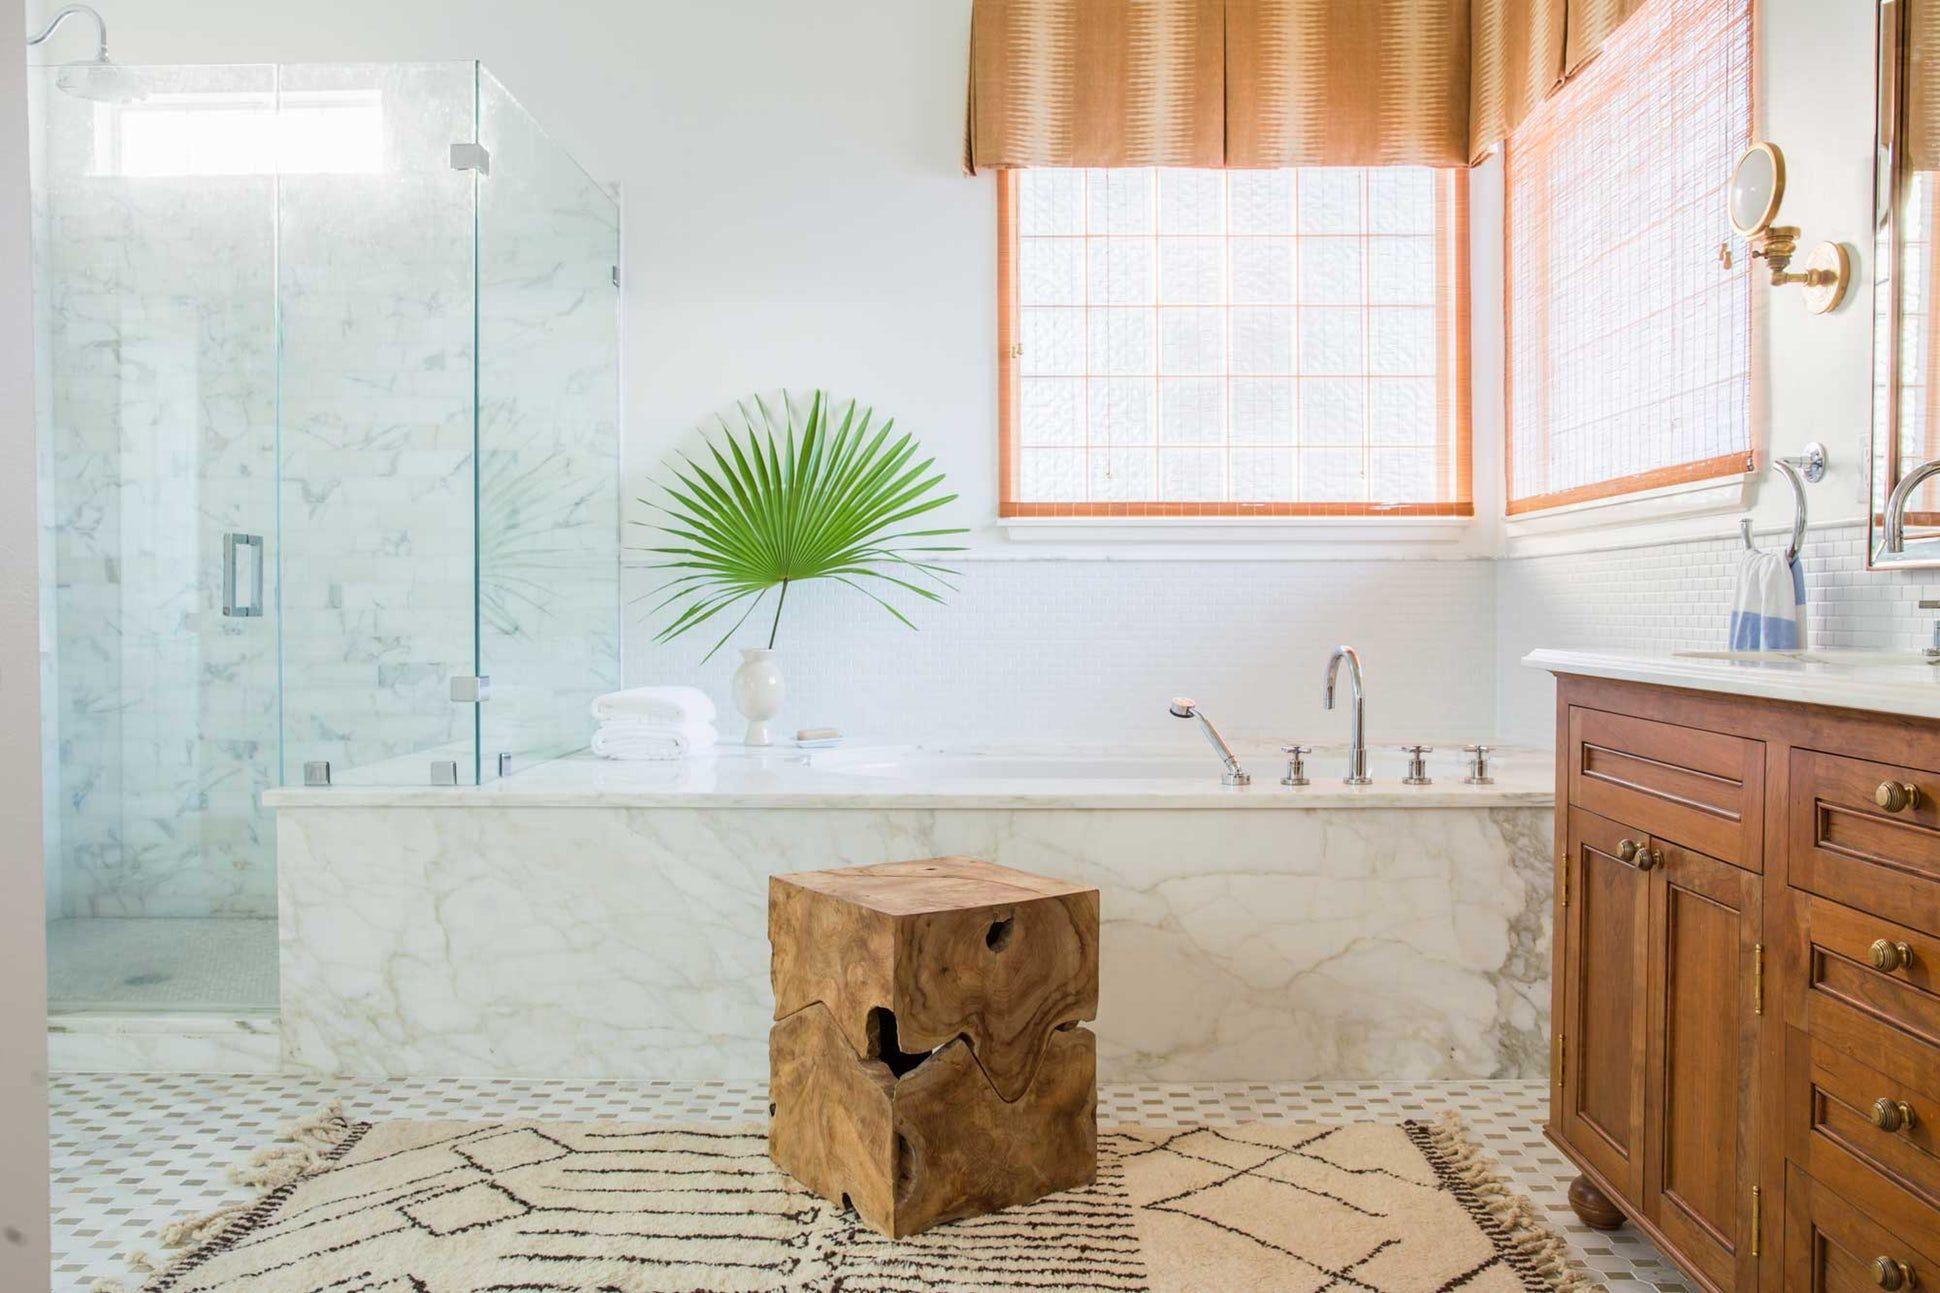 23 Marble Bathroom Ideas - Stunning Baths with Marble Tile & Tubs